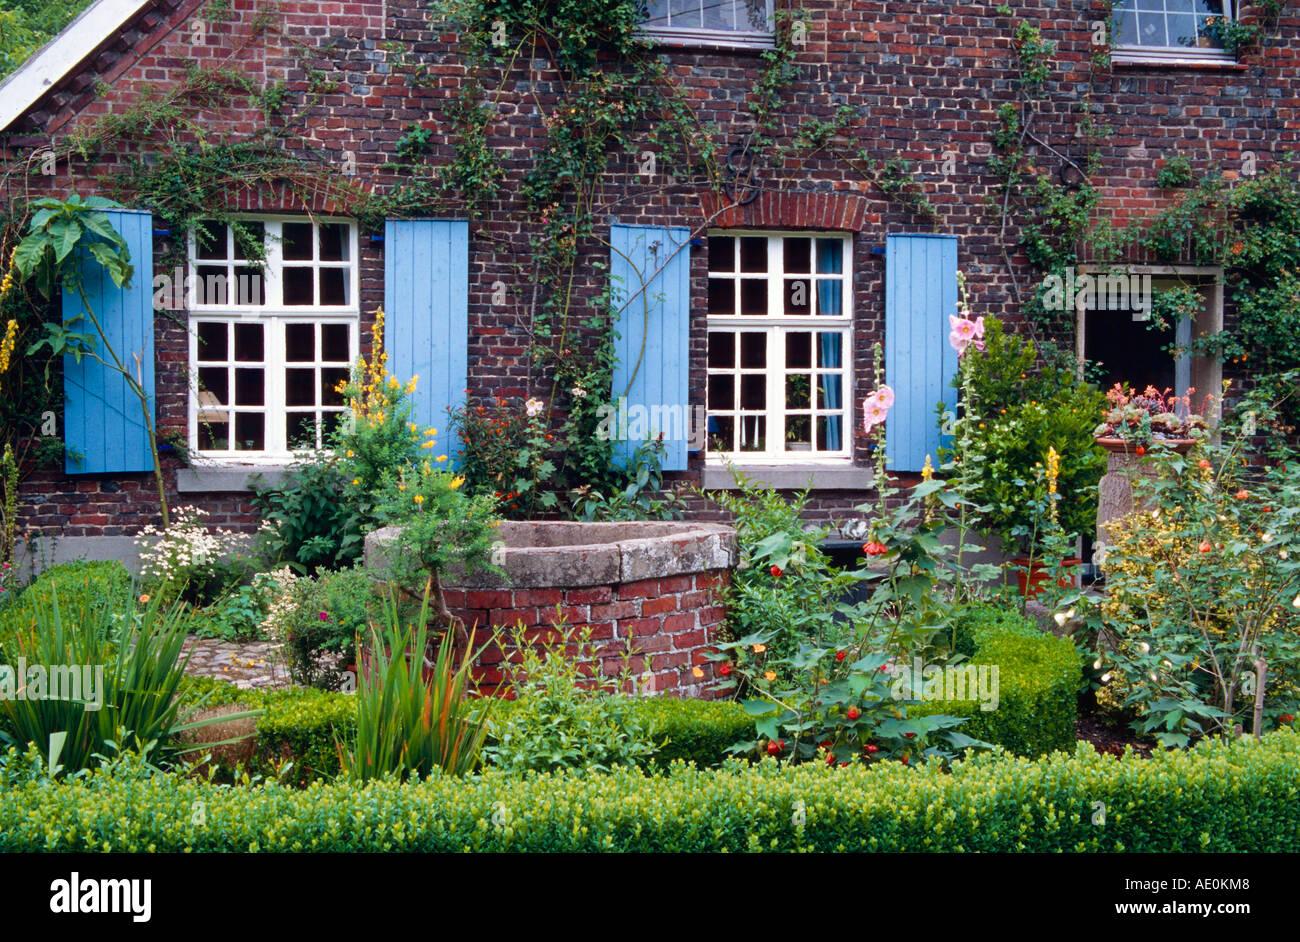 Hermoso jardín aspecto Garten Gartenimpression NRW Nordrhein Westfalen Niederrhein Garten Schlatt Imagen De Stock